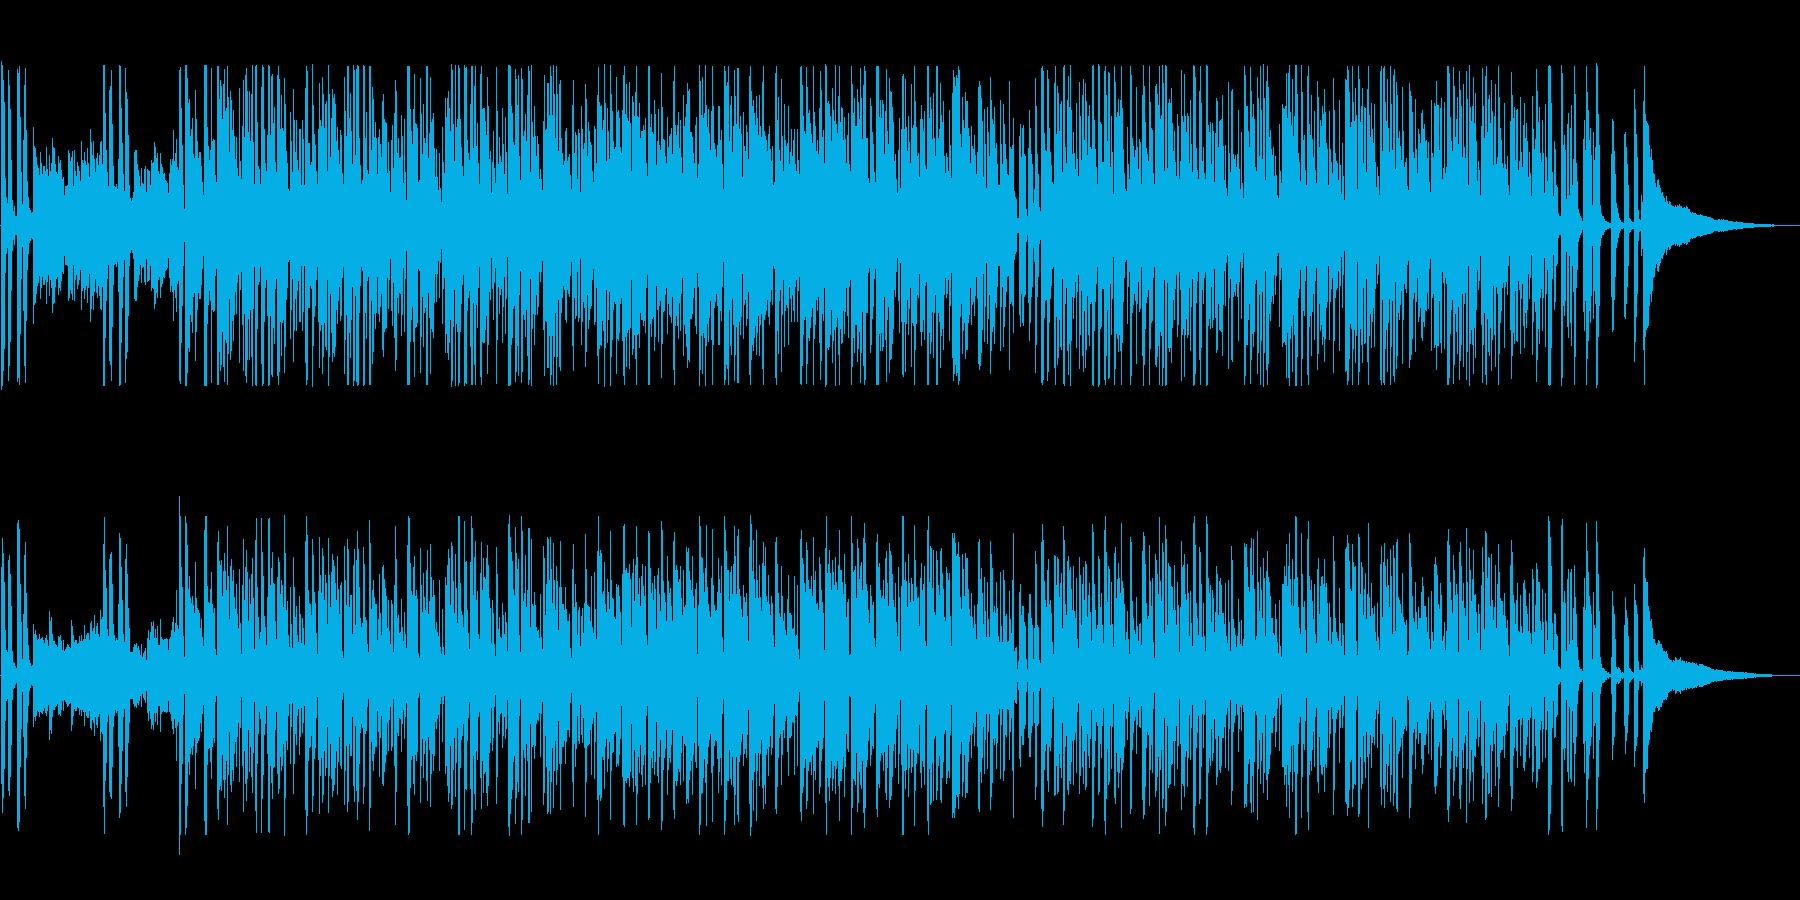 休日のリラックスタイム、口笛のボサノヴァの再生済みの波形